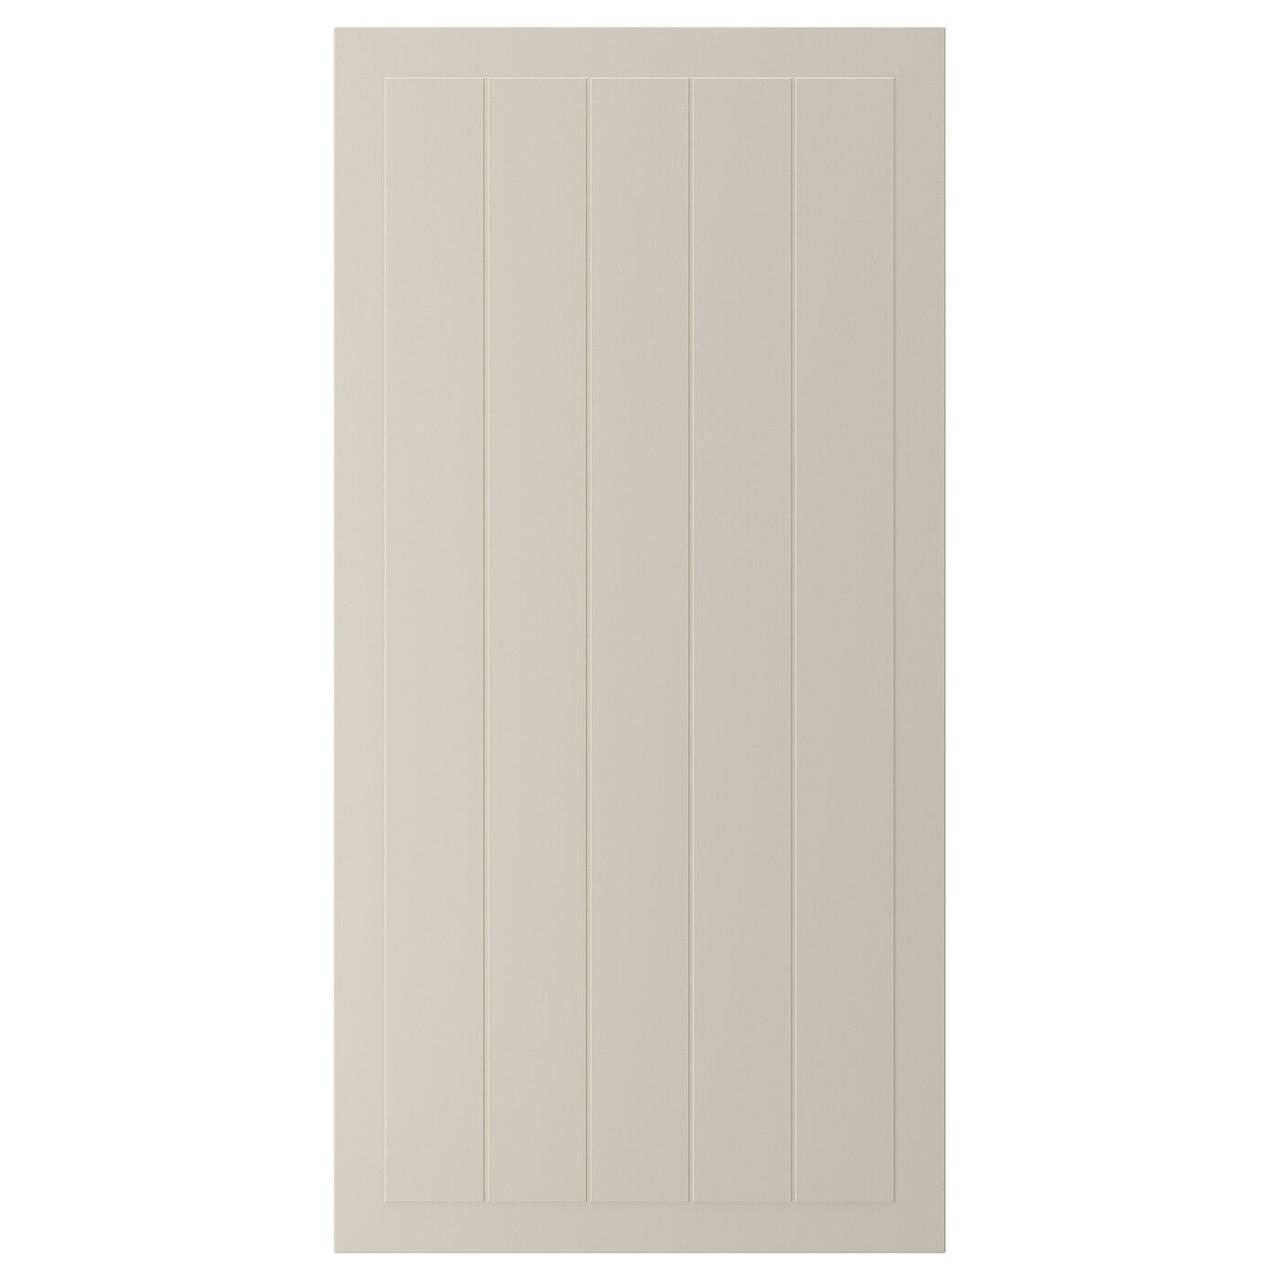 IKEA STENSUND (ІКЕА STENSUND) 60453183